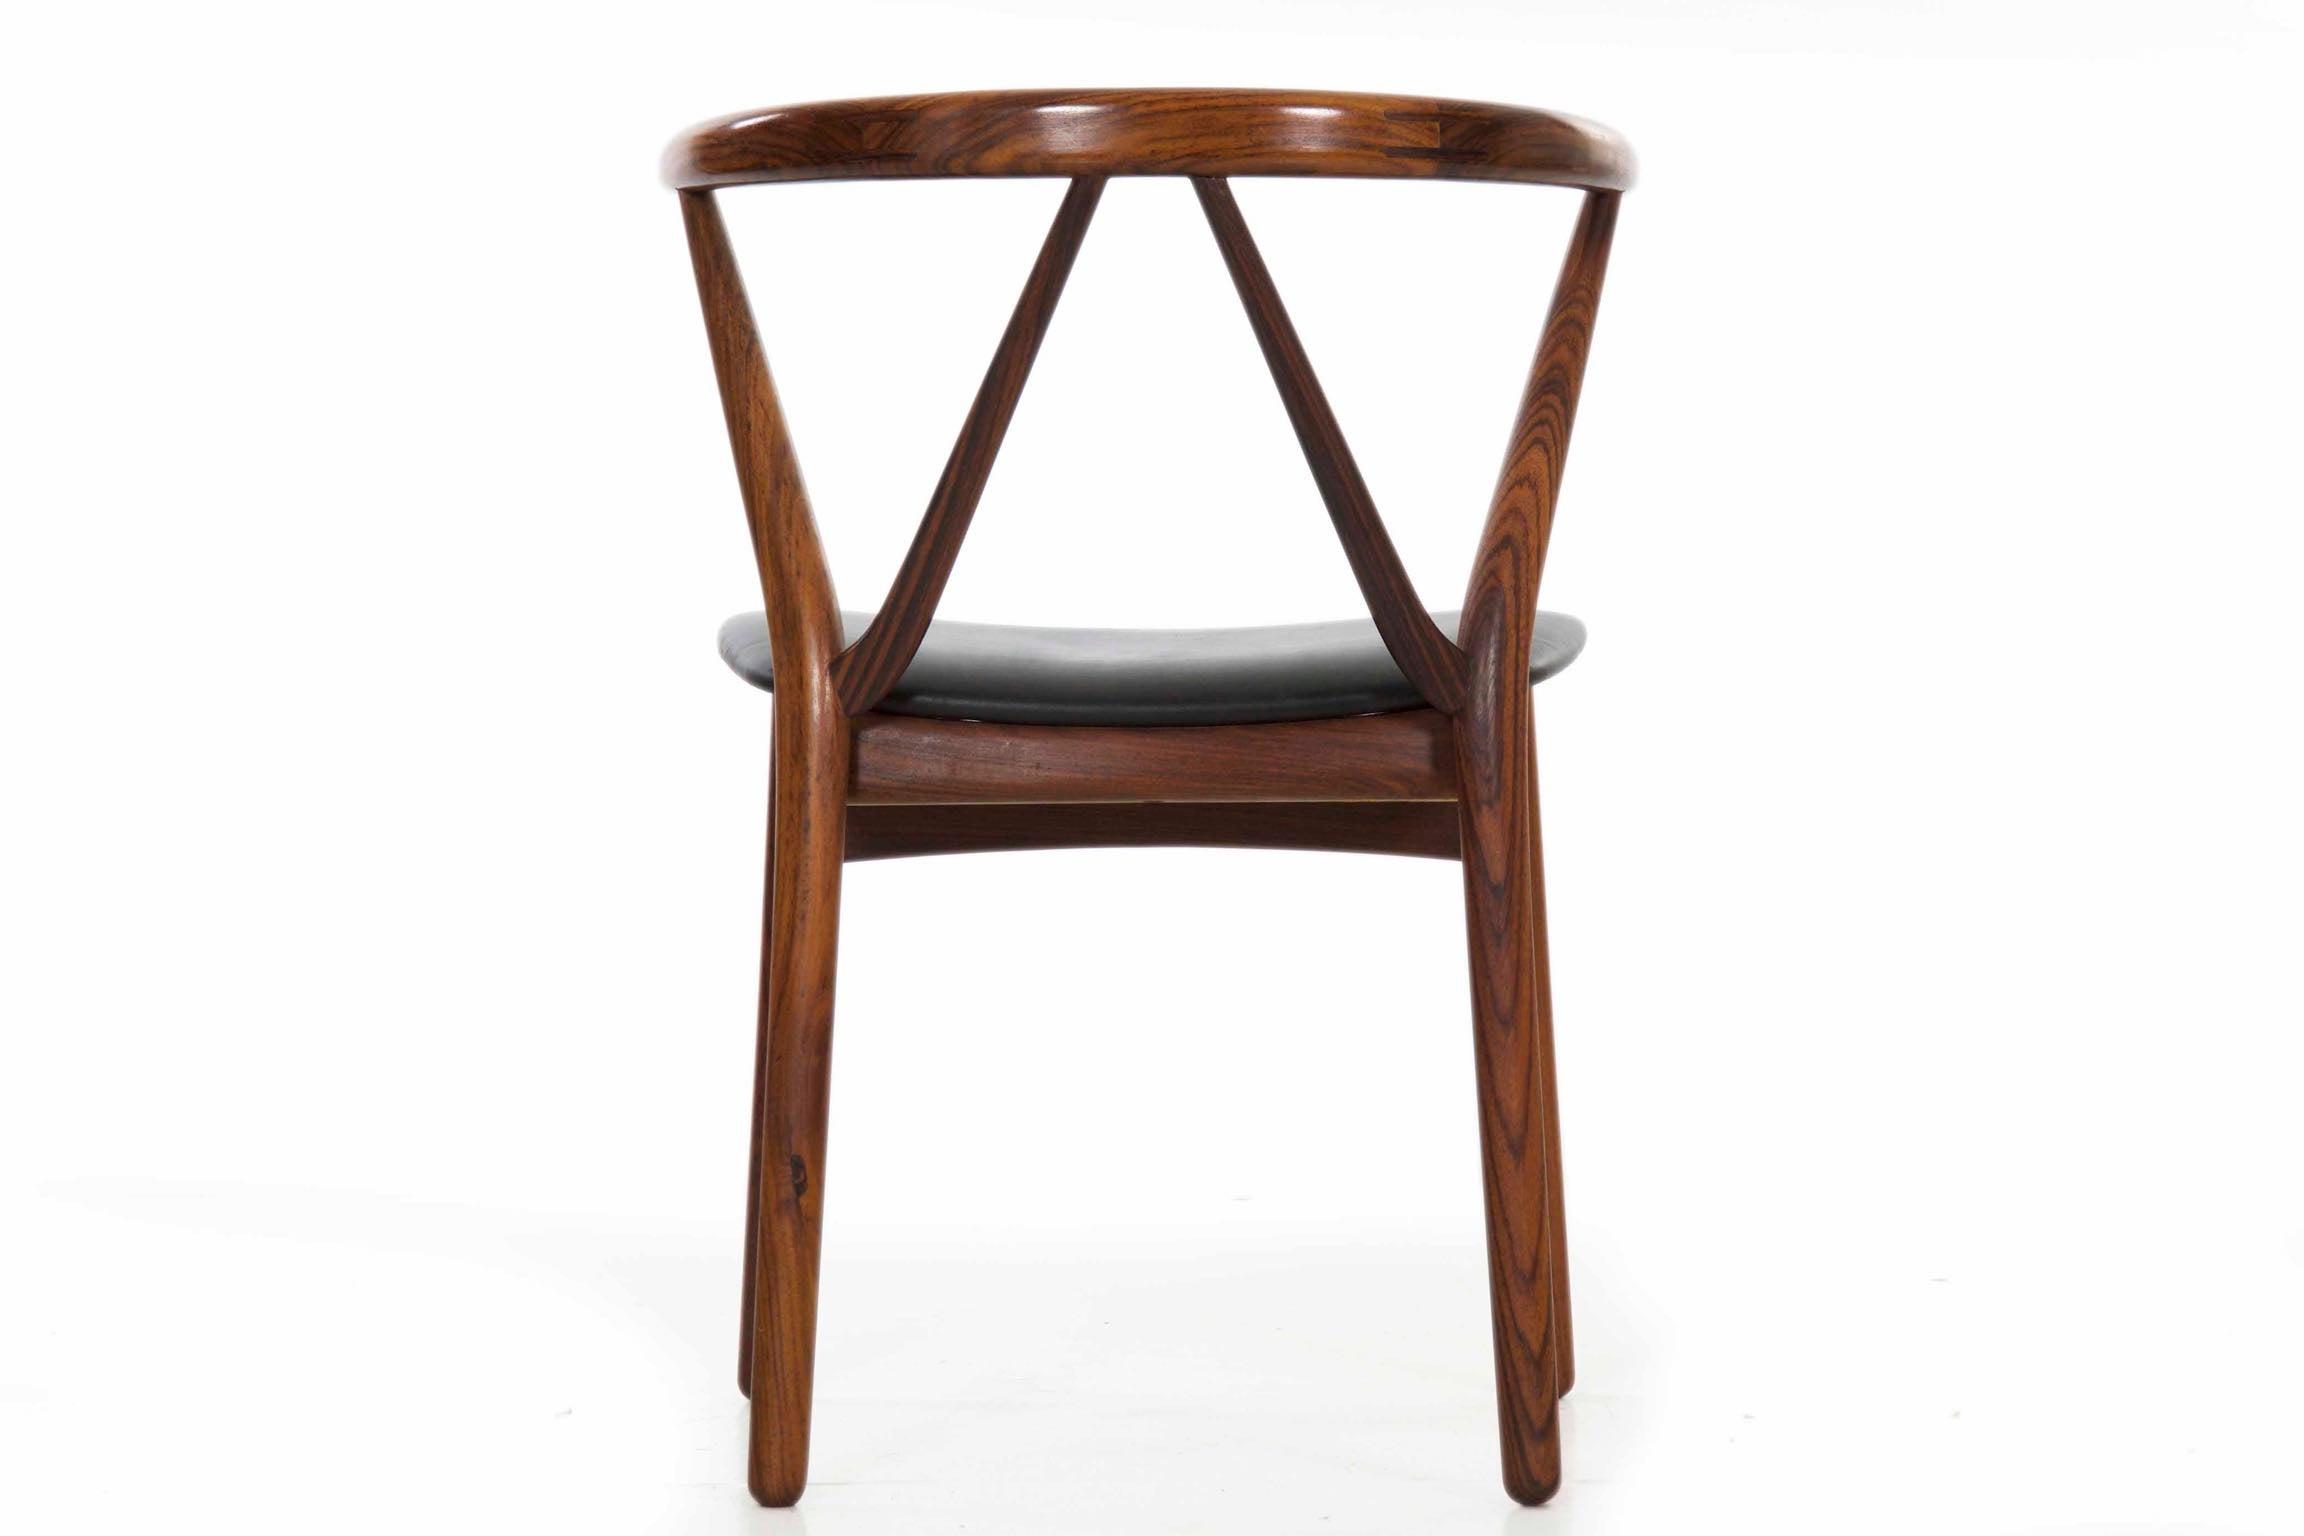 Superb Midcentury Danish Modern Hoop Back Rosewood Chair By Kjaernulf For Hansen Short Links Chair Design For Home Short Linksinfo